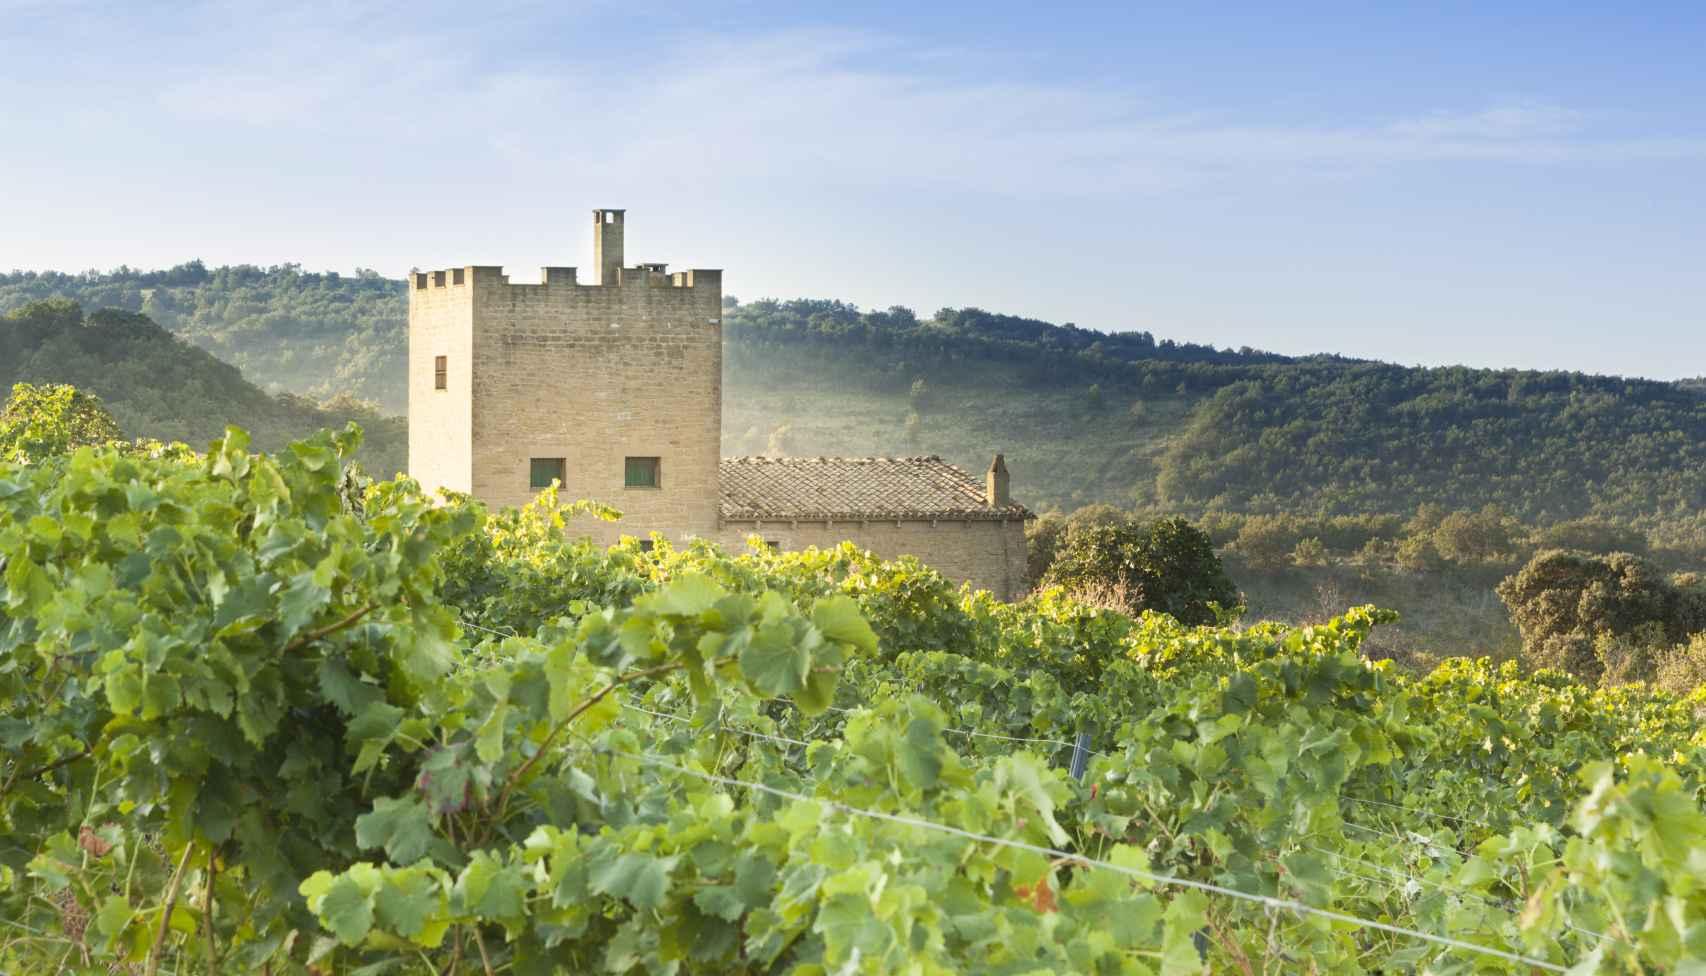 Viñedo en Uncastillo y torre medieval.